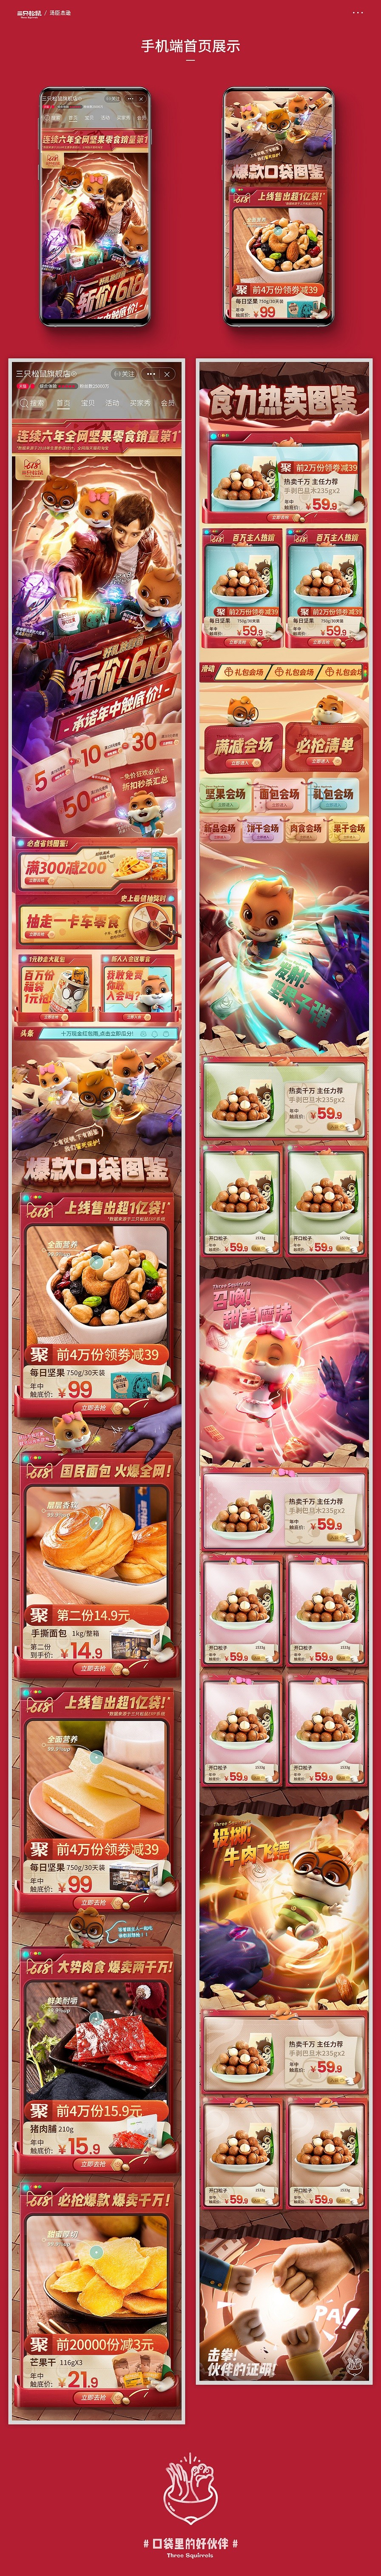 三只松鼠6·18页面品牌新视觉策略分享【汤臣杰逊】